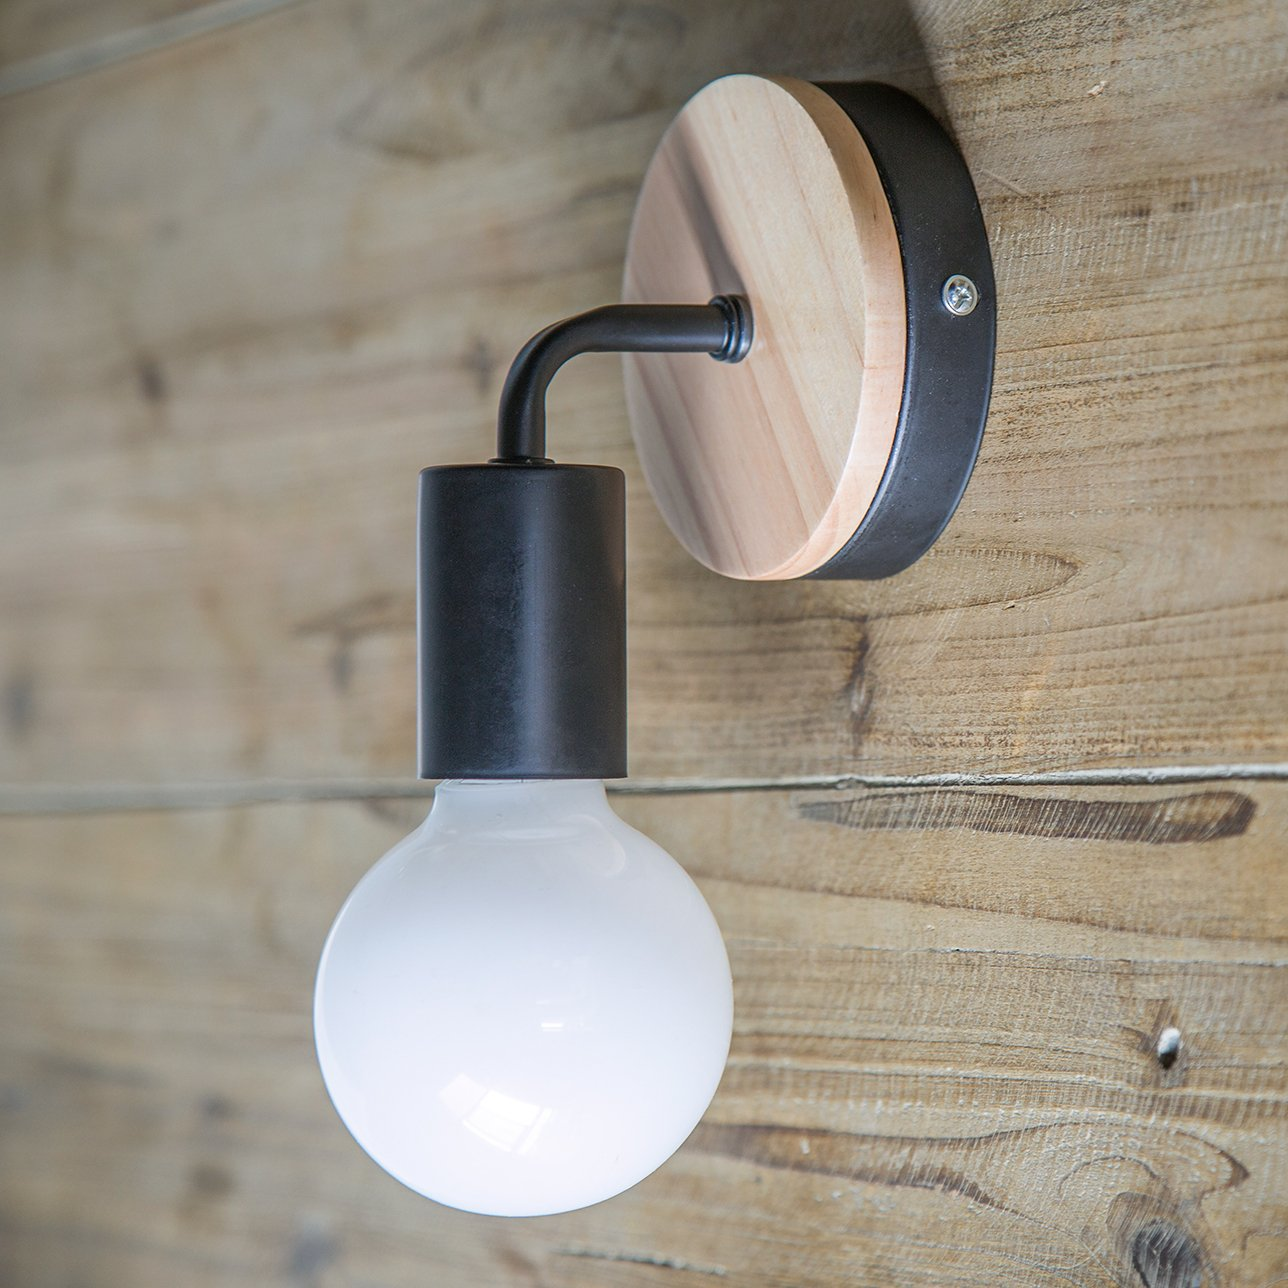 OYGROUP Modern Creative Wood Vintage Lampe de sol en fer forg/é E27 40W Applique murale Lampe de lecture Lampe de chevet pour chambre /à coucher Blanc